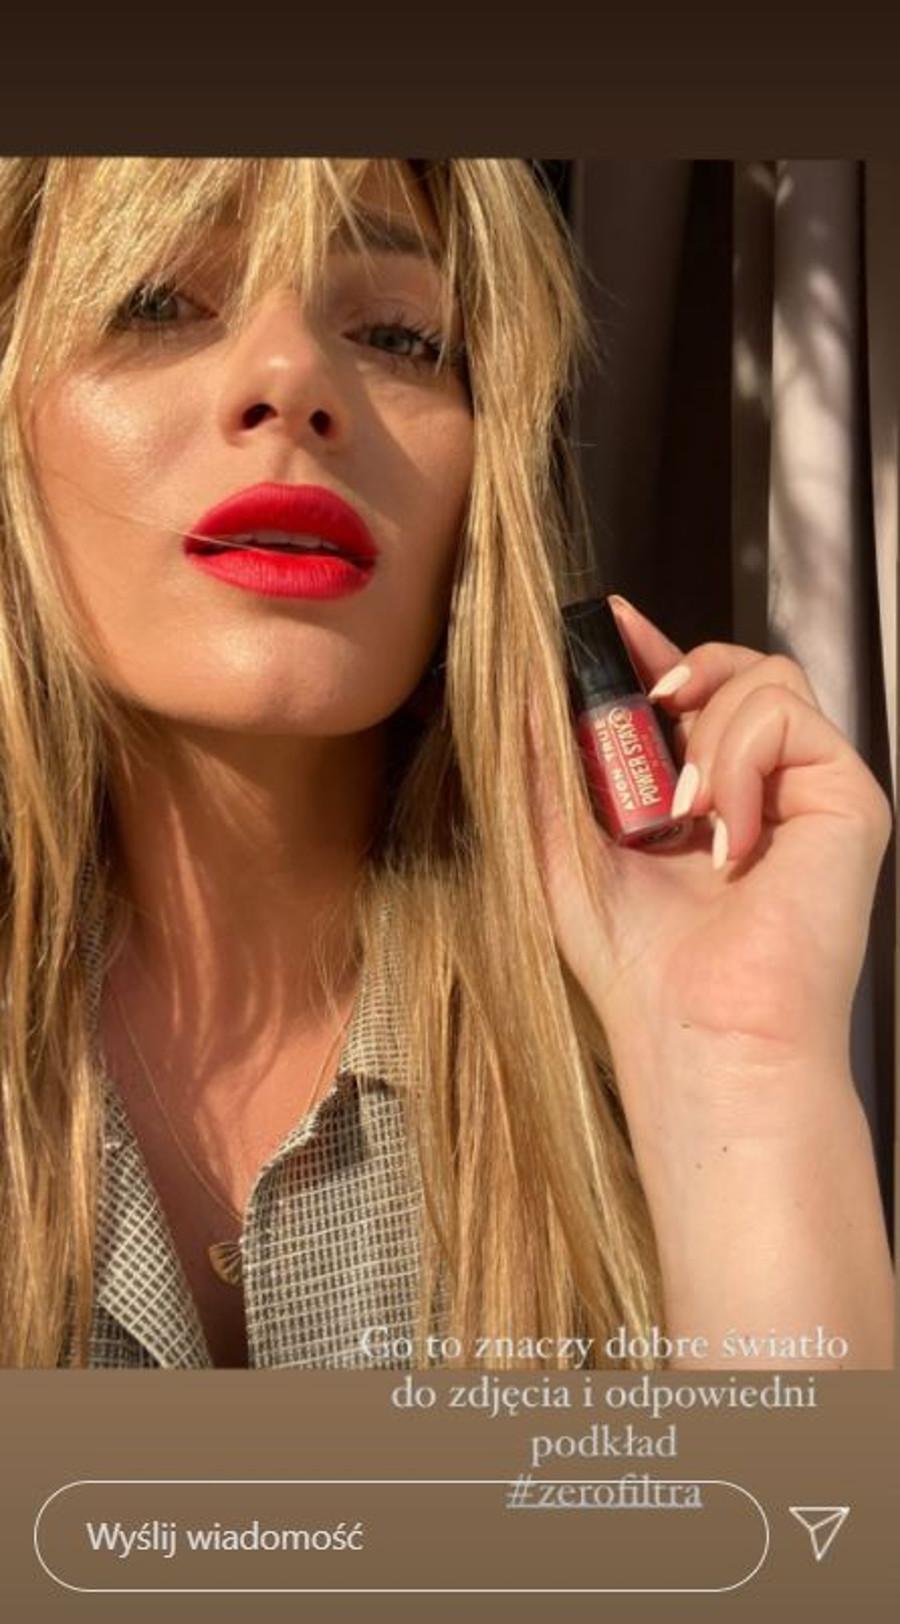 Marcelina Zawadzka w mocnym makijażu ust.